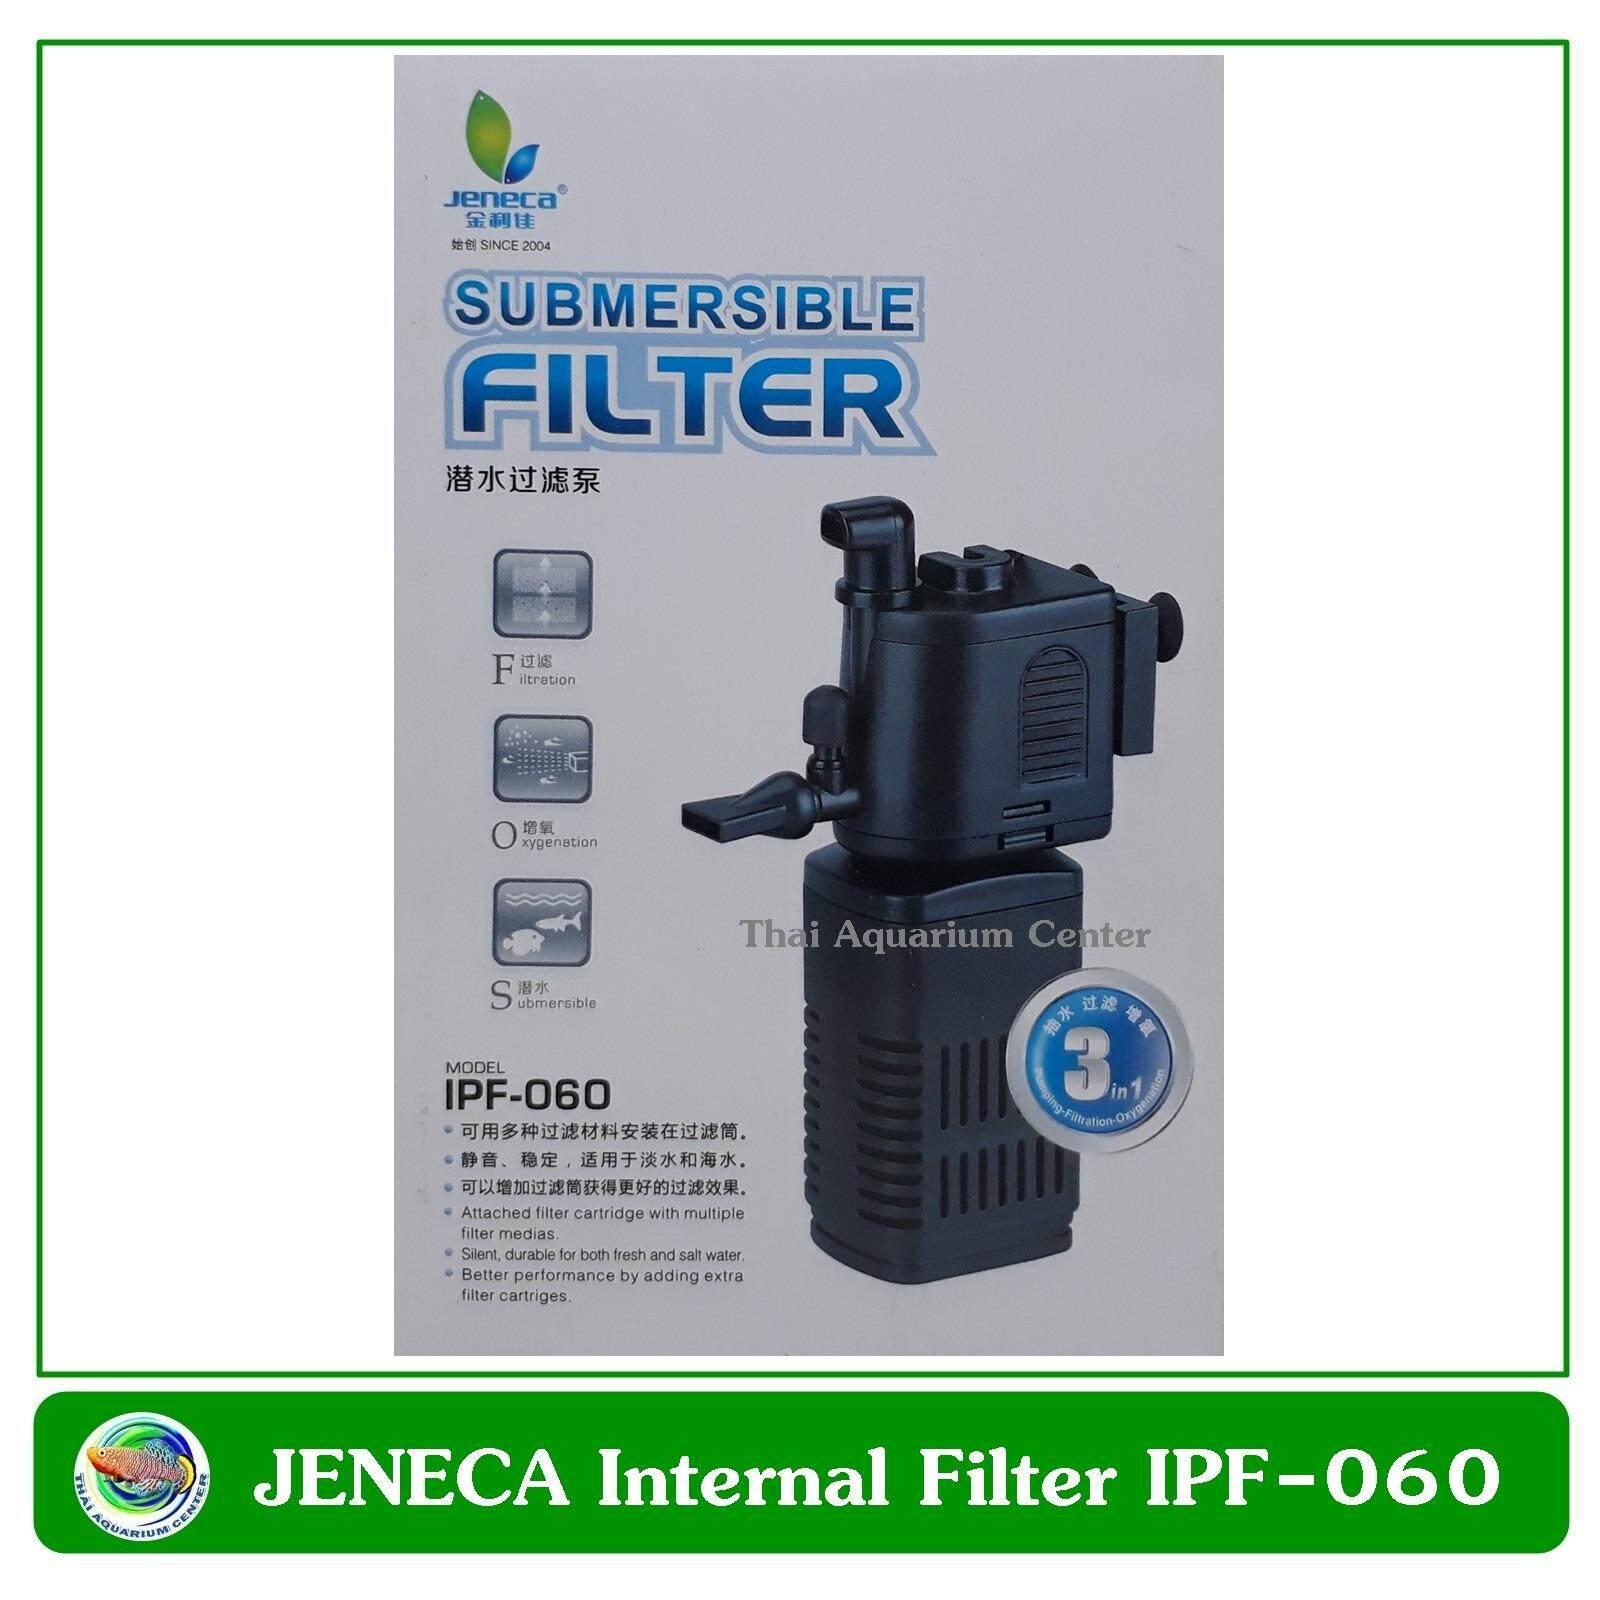 Jeneca IPF-060 ปั้มน้ำ พร้อมกระบอกกรองในตู้ สำหรับตู้ปลาขนาด 12-14 นิ้ว กรองในตู้